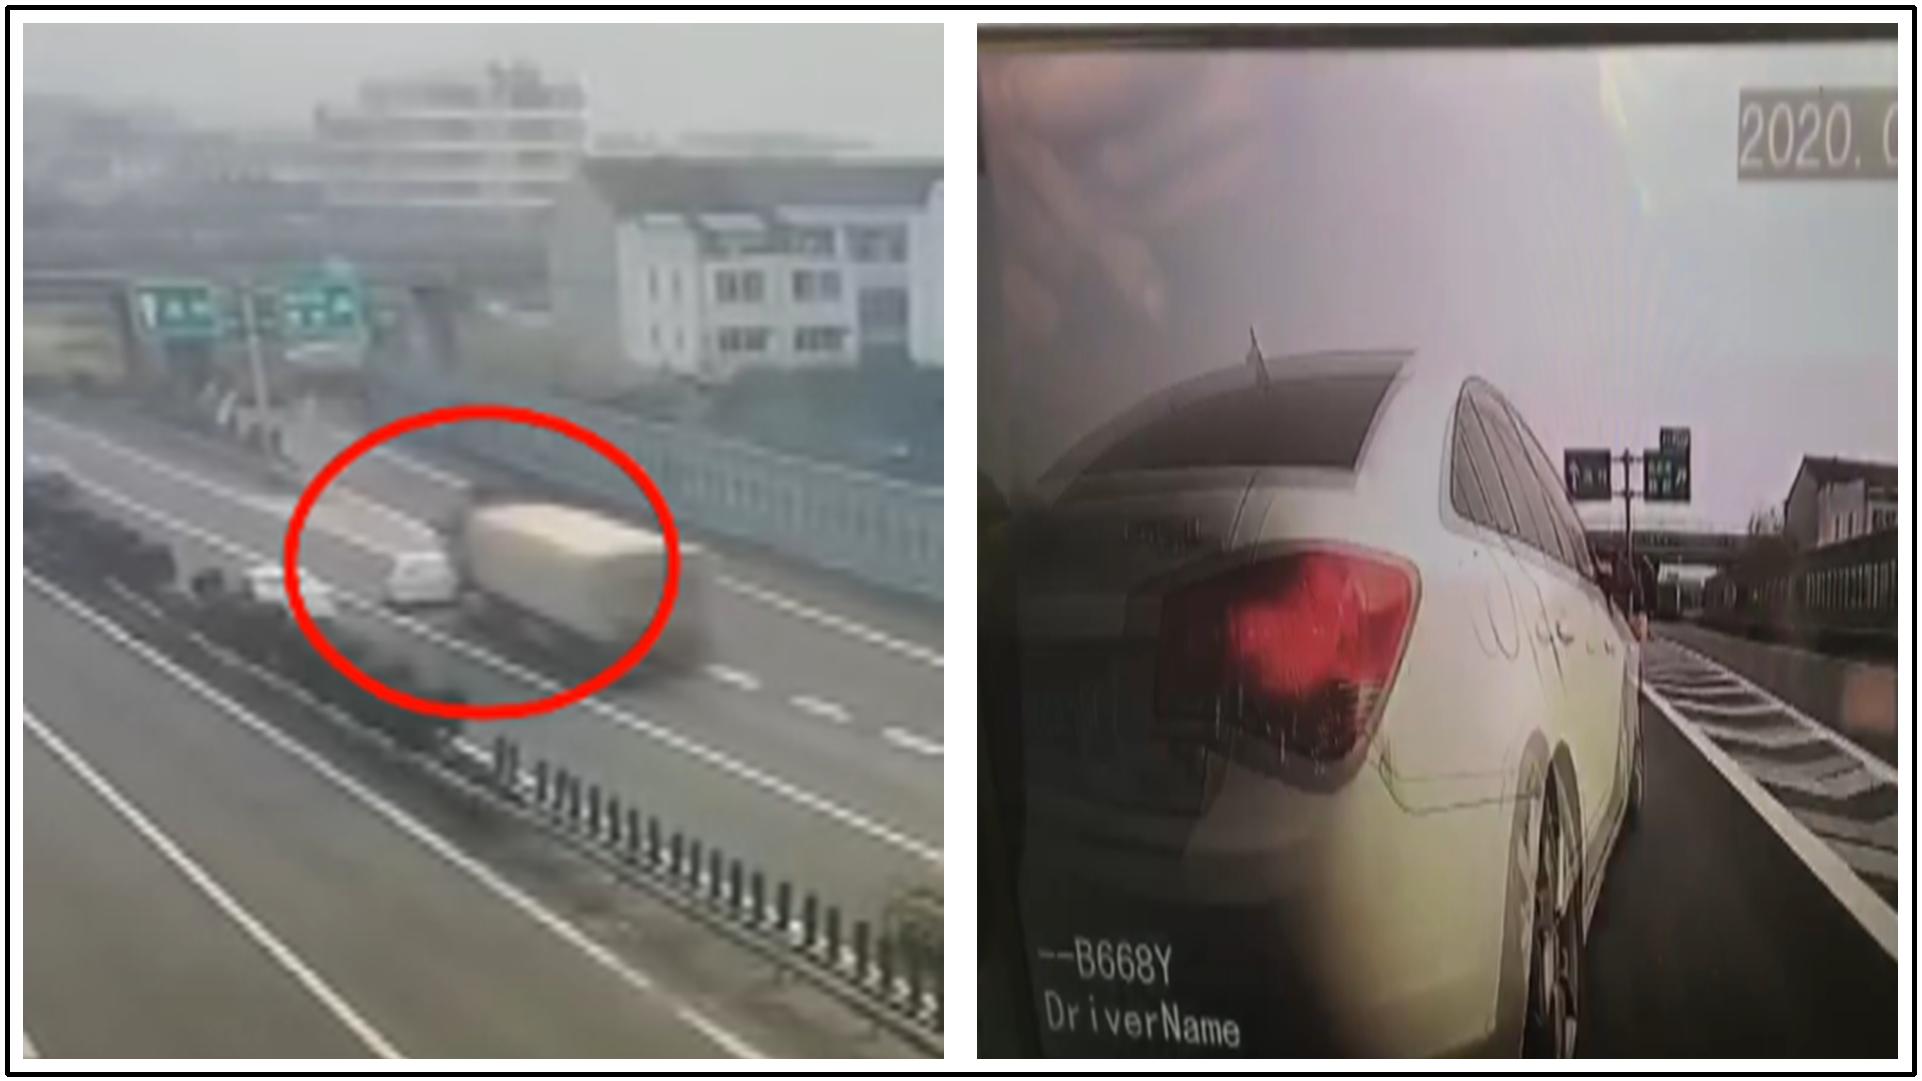 轿车临近出口突然实线变道负全责 万幸货车让速不让道未造成致命